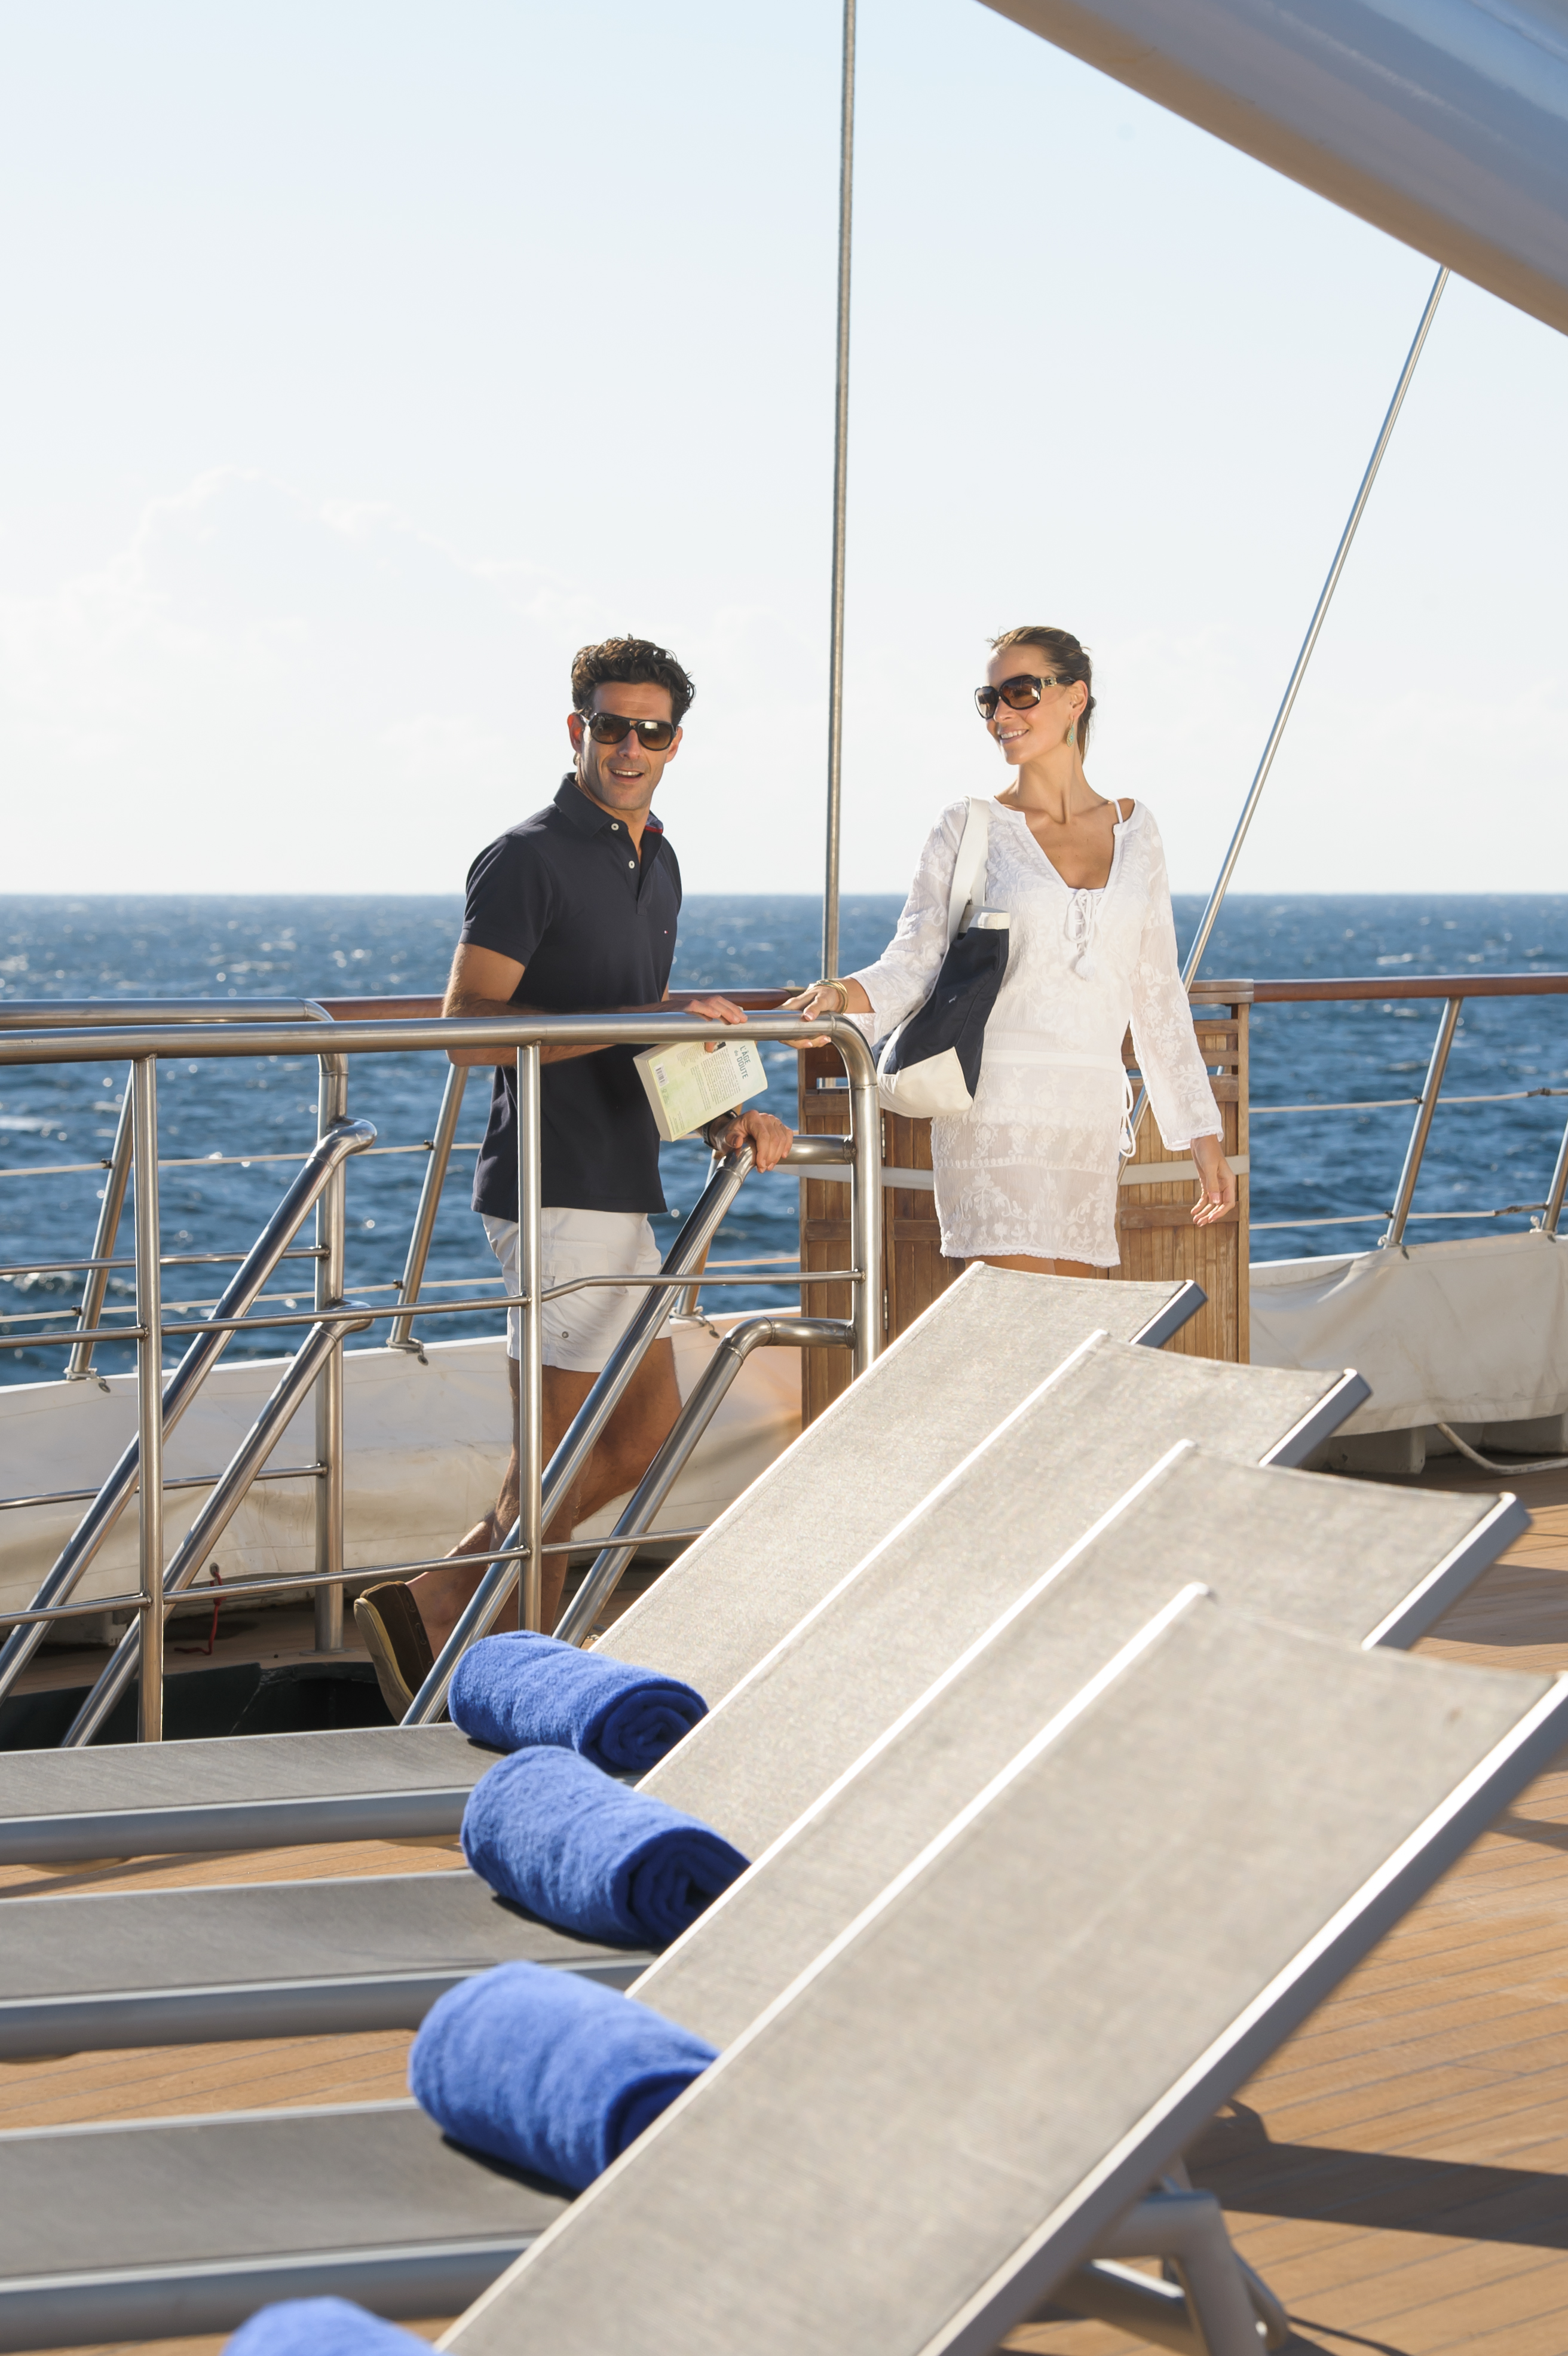 Ponant Le Ponant Exterior Couple on Deck 12.JPEG